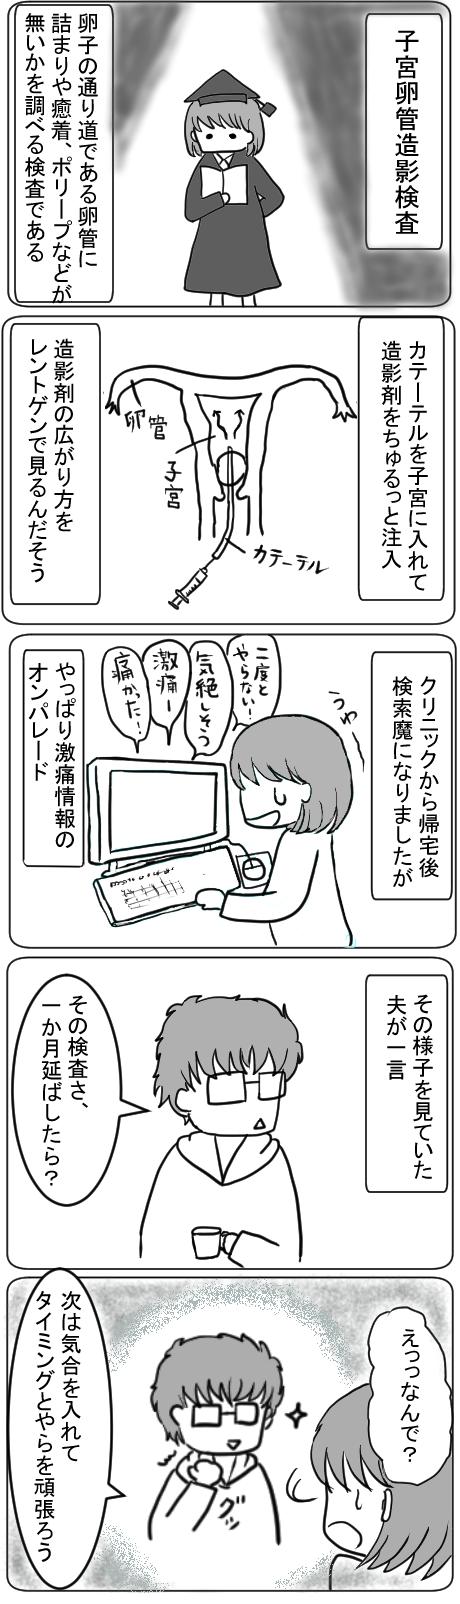 子宮卵管造影検査の漫画、イラスト画像